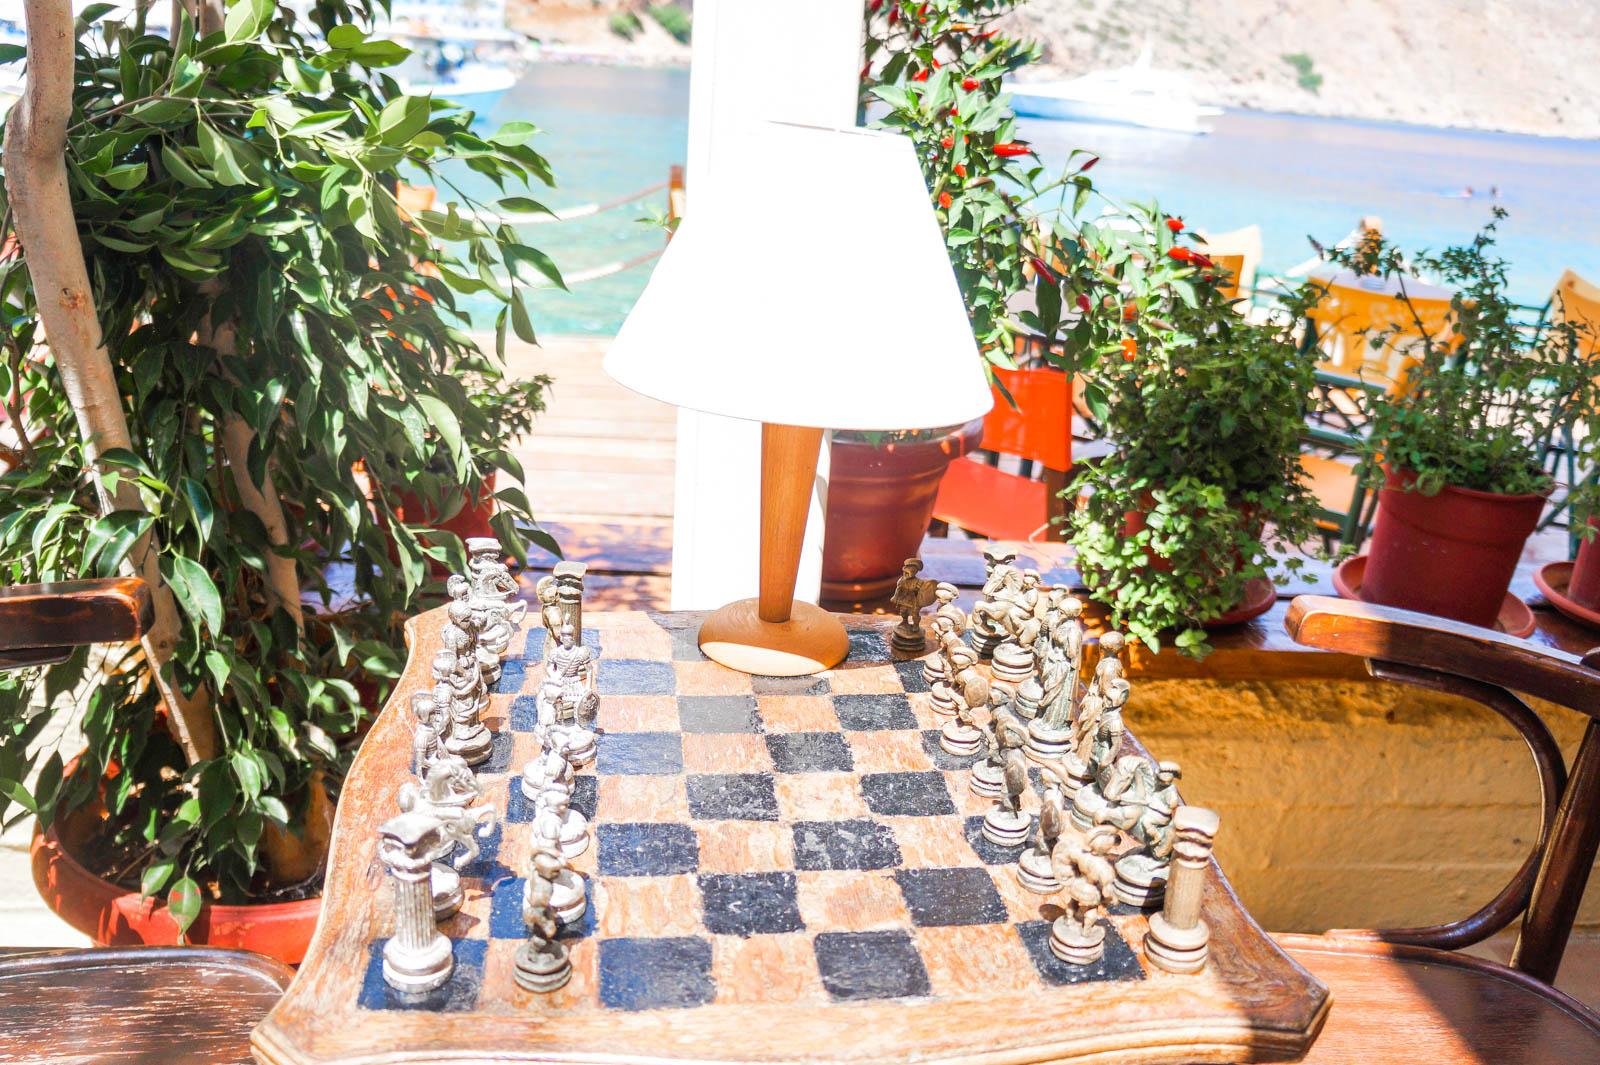 loutro-crete-greece-la-vie-en-blog-all-rights-reserved-7